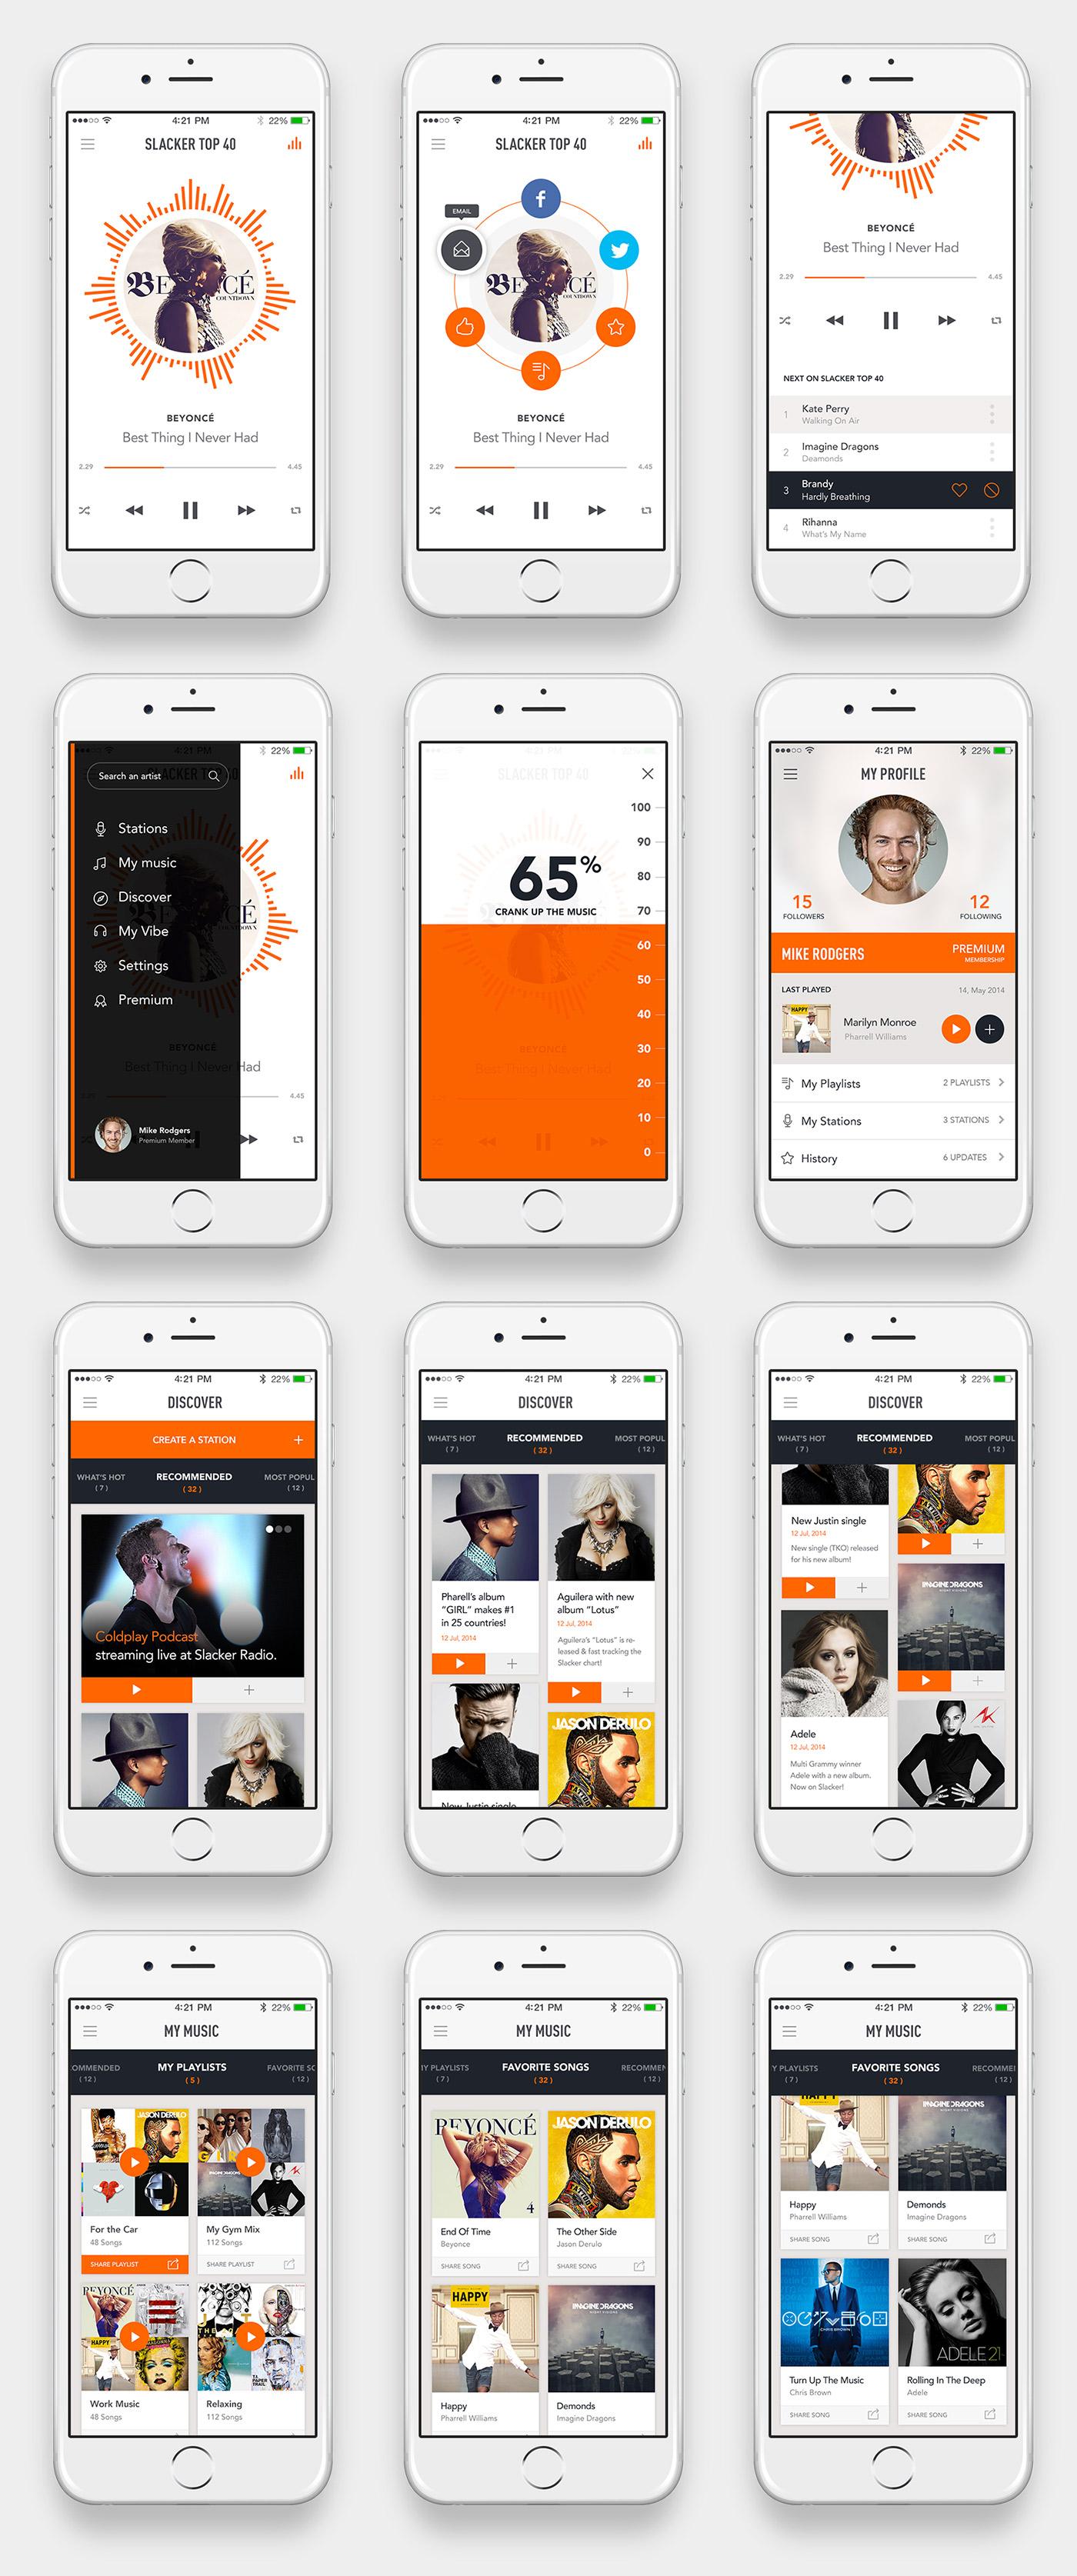 Slacker-Mobile-blog-1